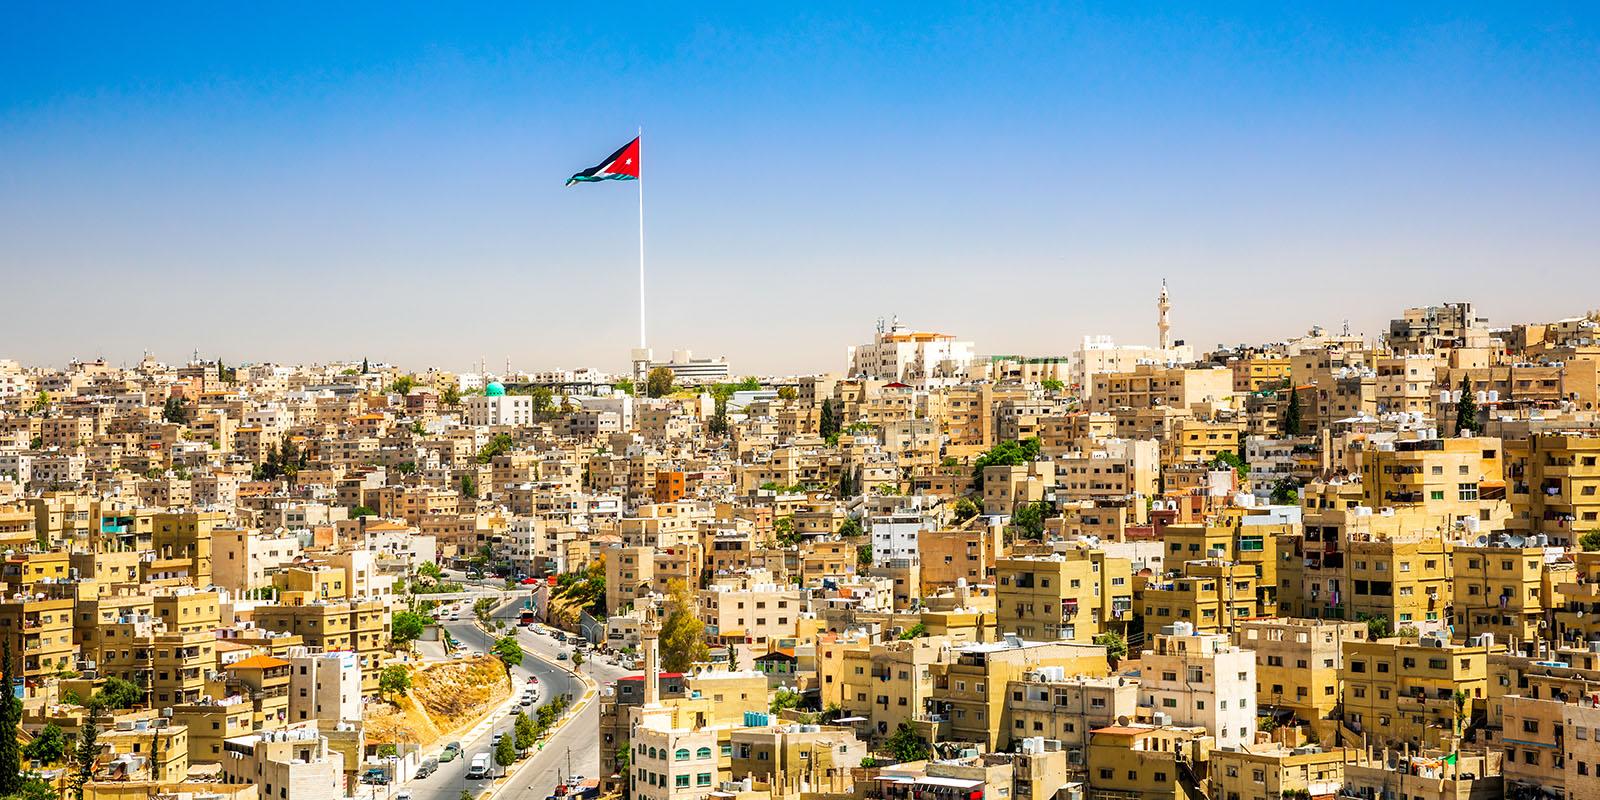 Best Things to Do in Amman, Jordan